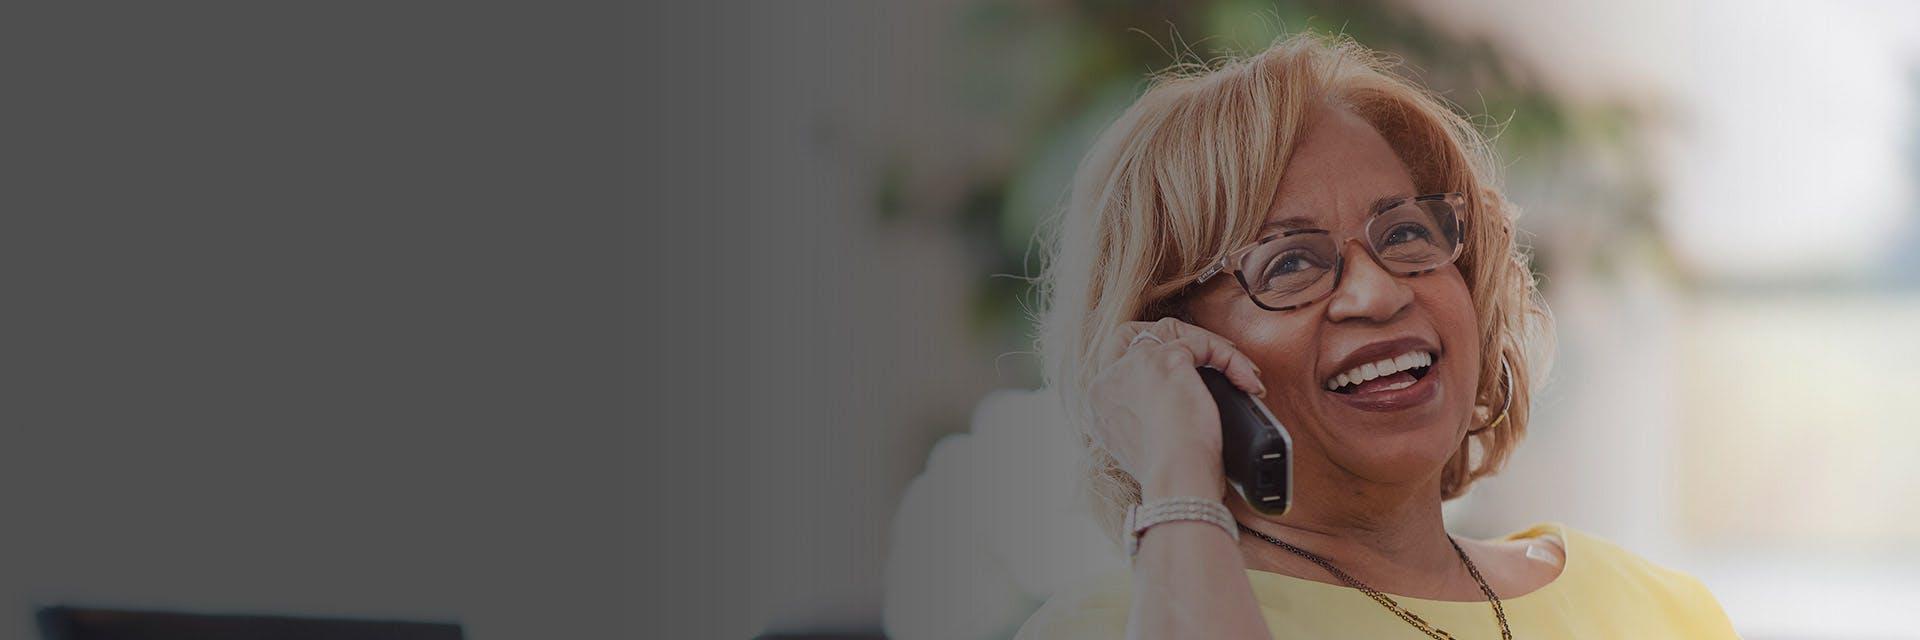 16x10-phone-woman-hero.jpg